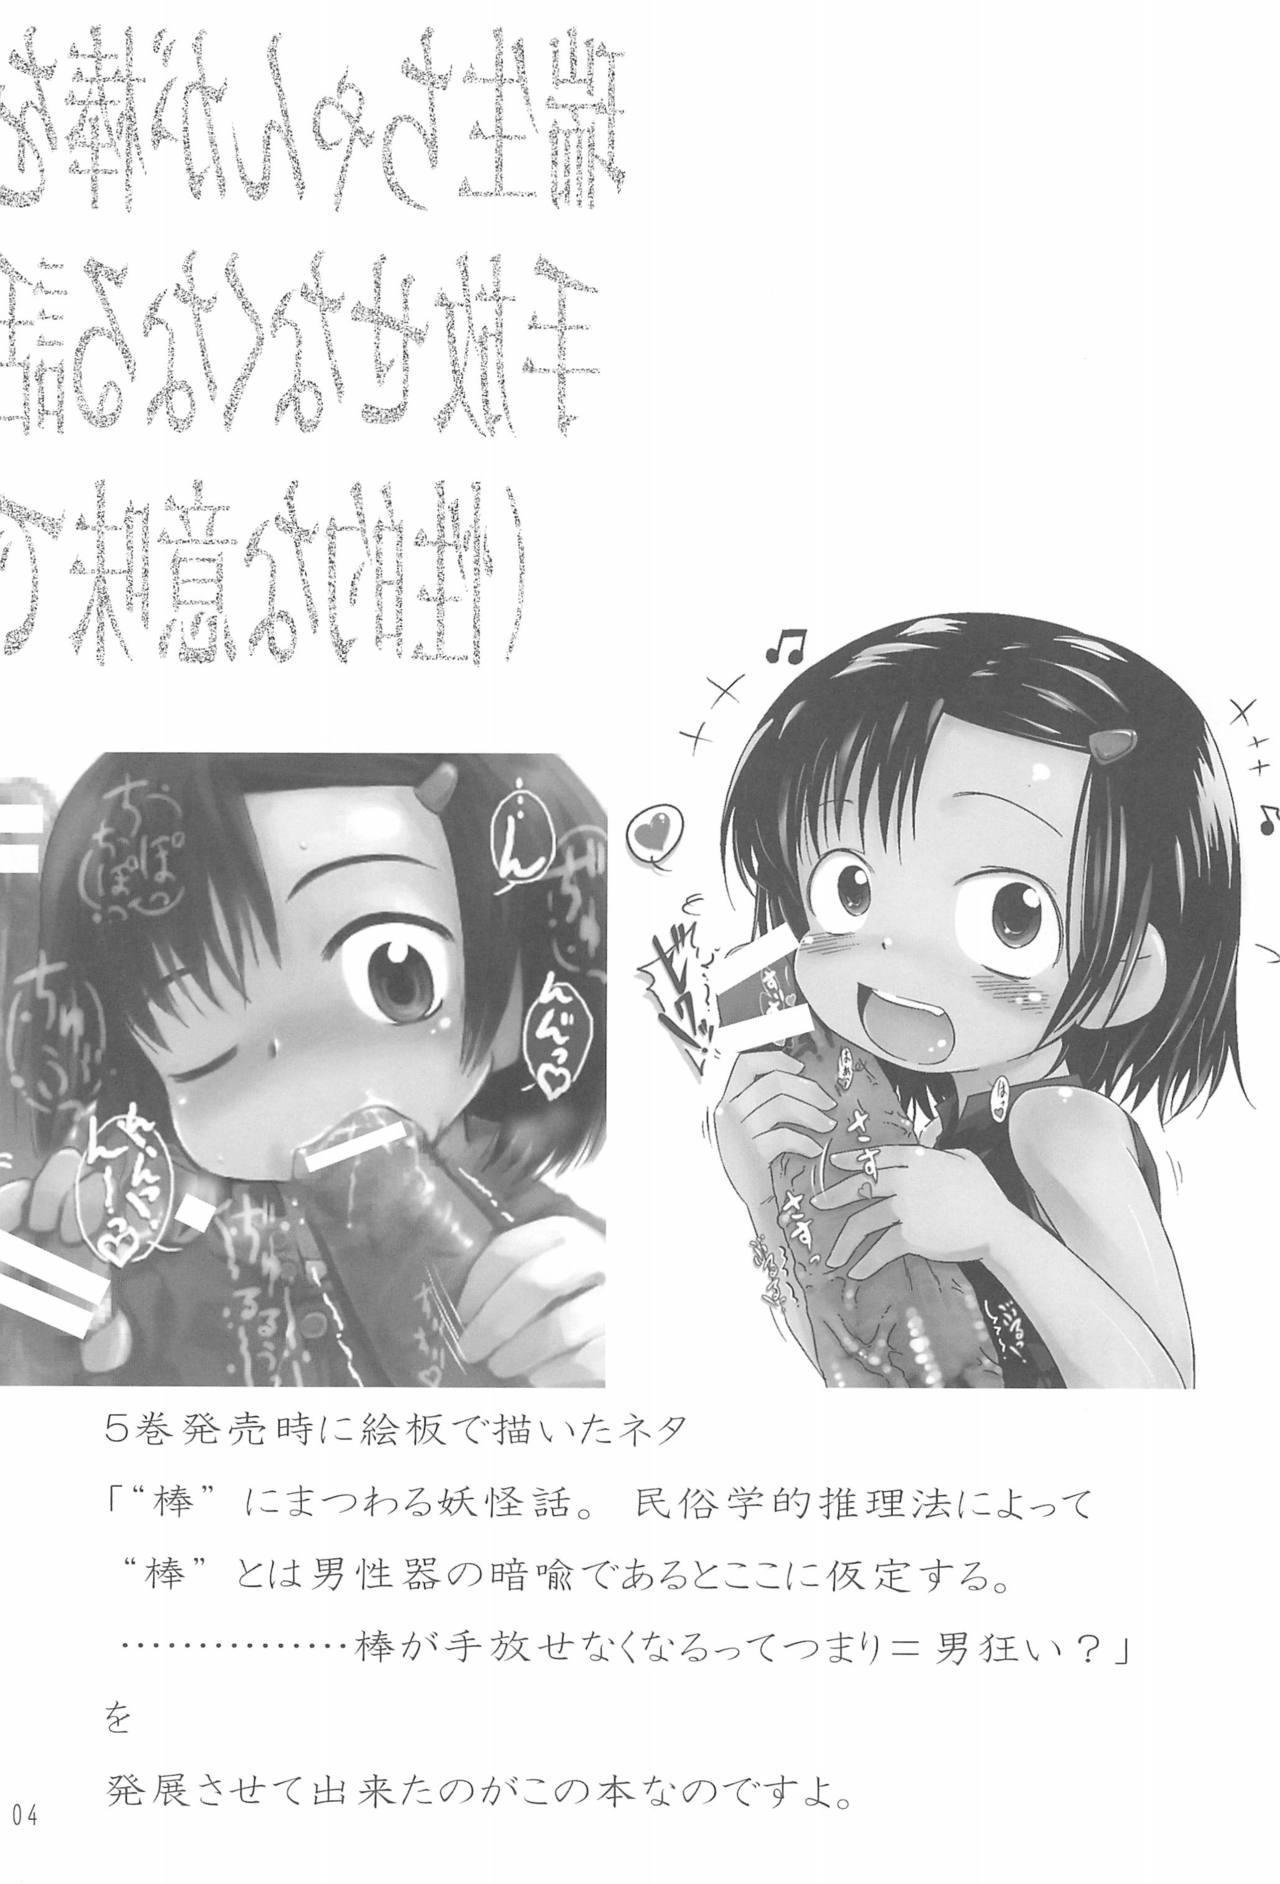 Mizuki-chan ga Bou wo Tebanasenaku naru Hanashi 3